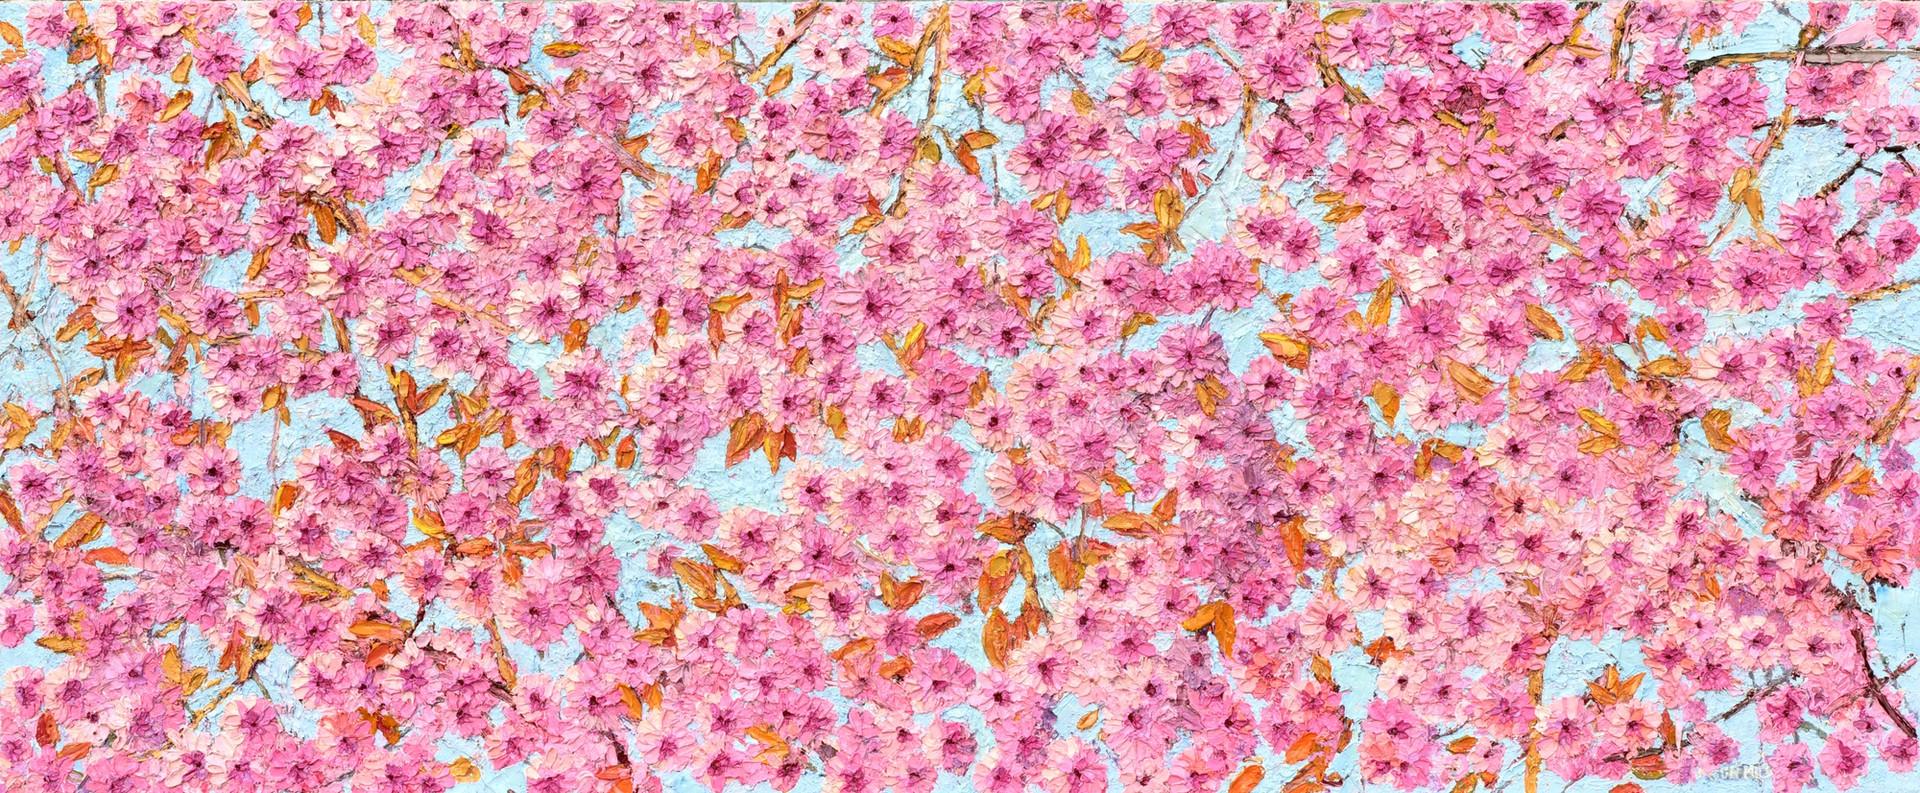 'Cherry Blossom. 2020